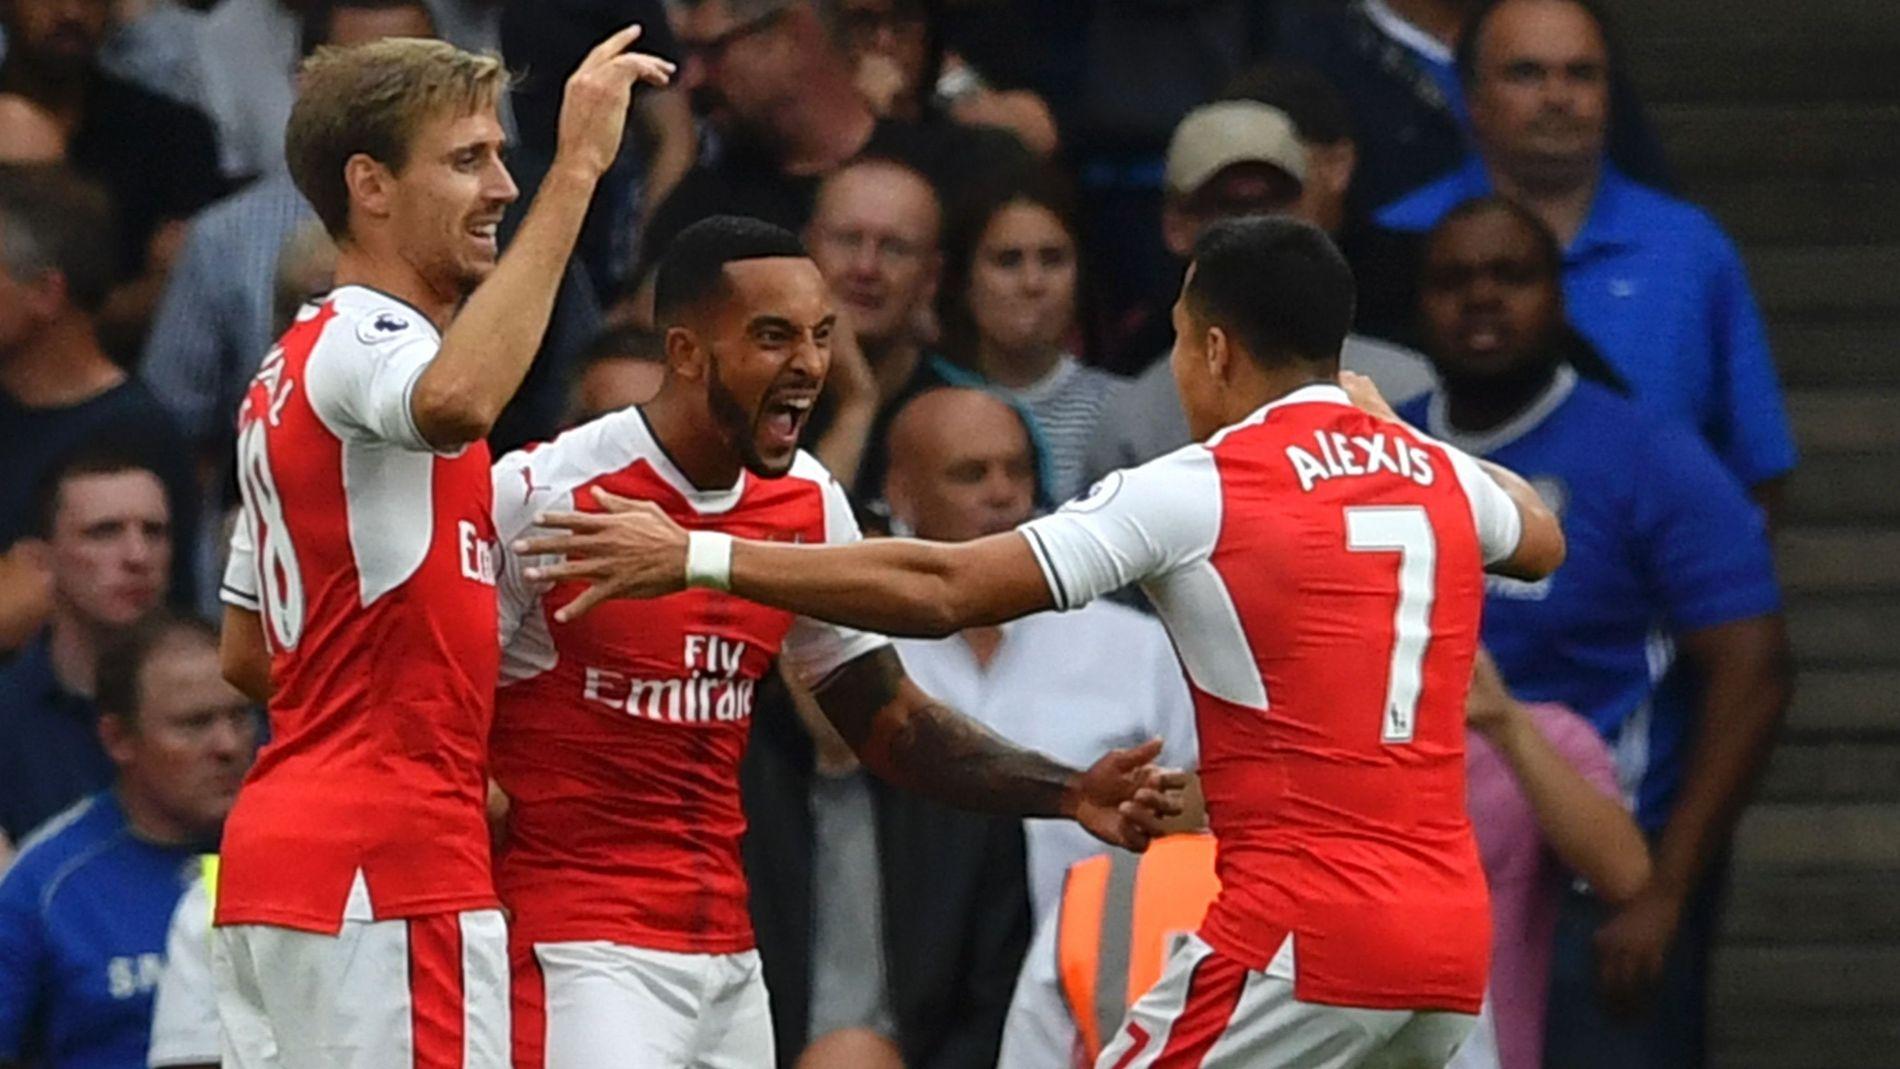 FESTFOTBALL: Walcott (i midten) gratuleres av Monreal (t.v.) og Alexis Sánchez (t.h.) etter å ha scoret Arsenals andre.